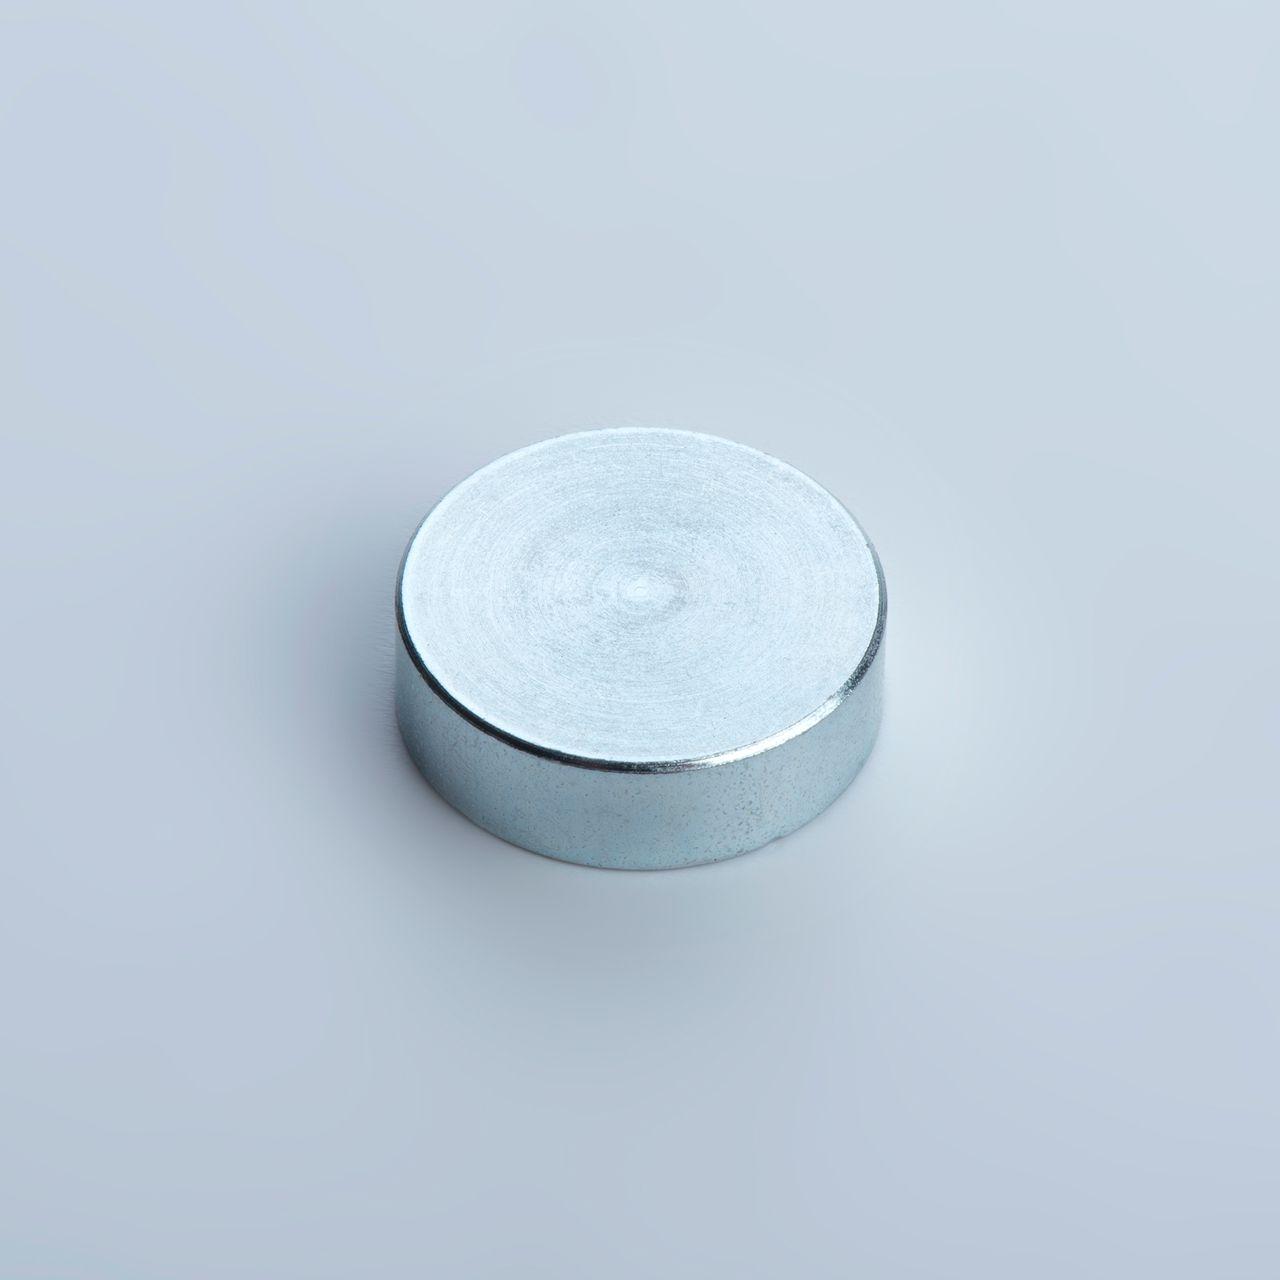 Pot magnet made of SmCo, galvanized, thyssenkrupp Magnettechnik